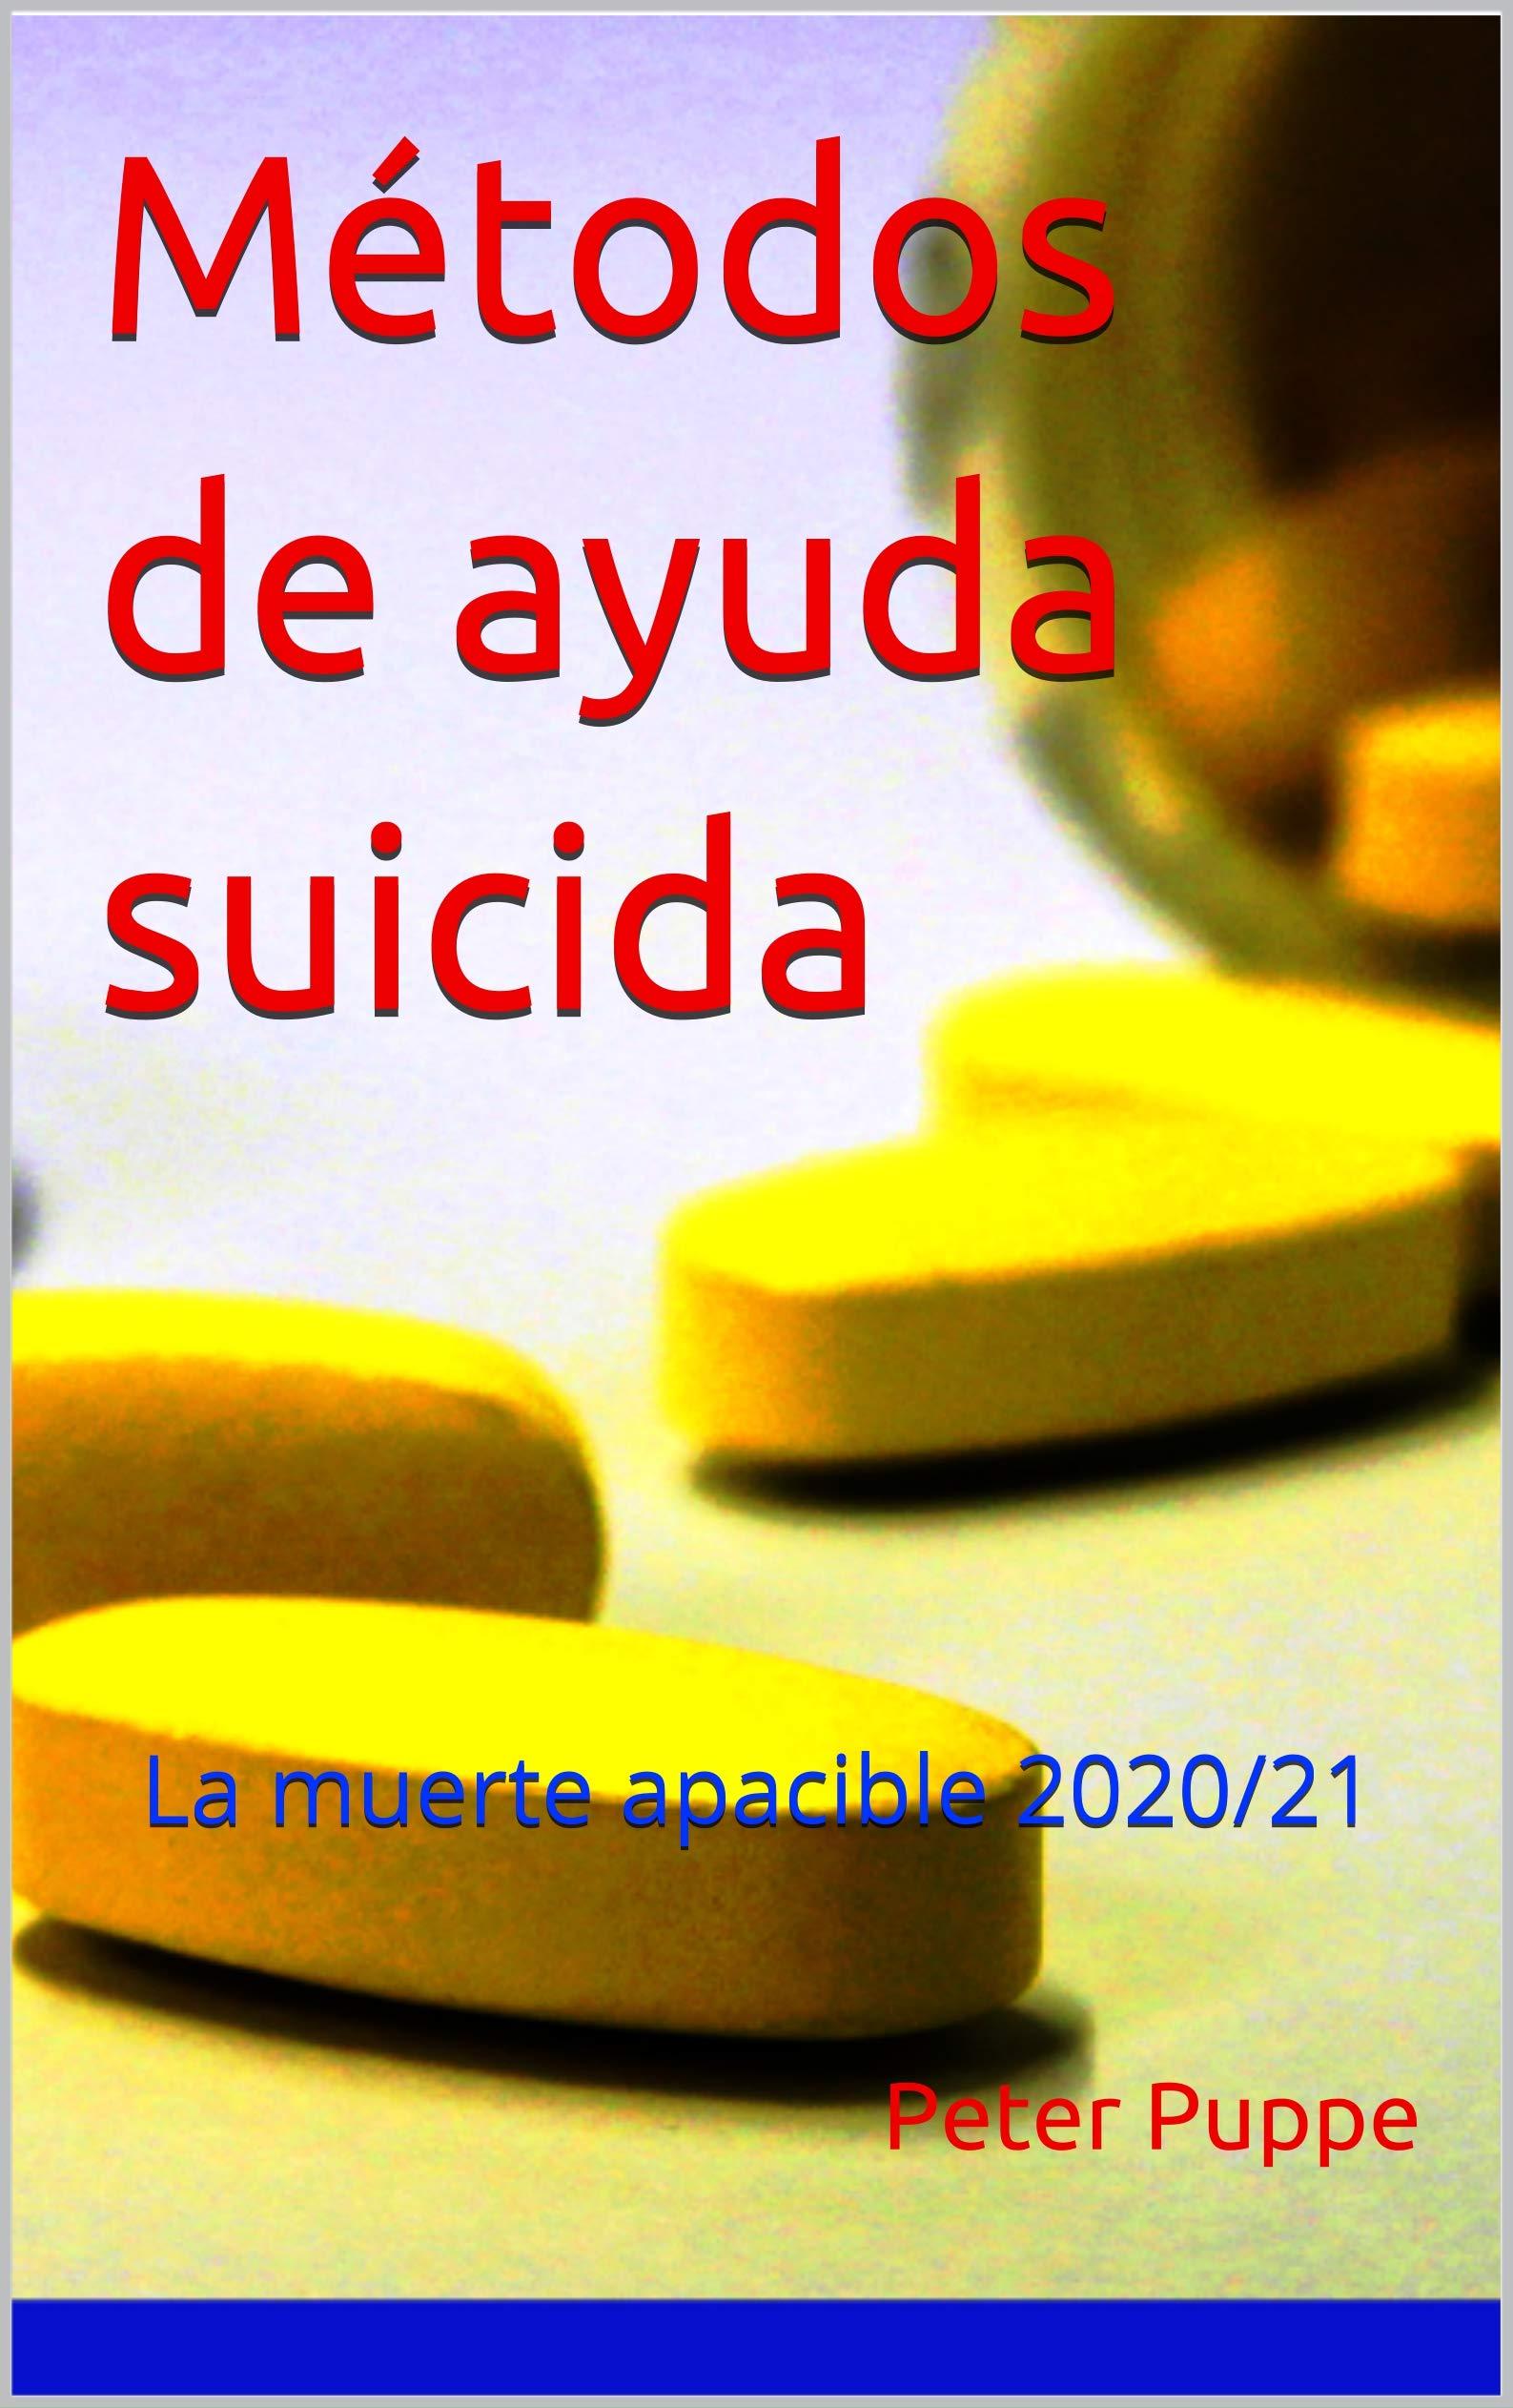 Métodos de ayuda suicida: La muerte apacible 2020/21 - Este libro también está disponible en los siguientes idiomas: Inglés - Holandés - Japonés - Chino ... - Italiano - Portugués